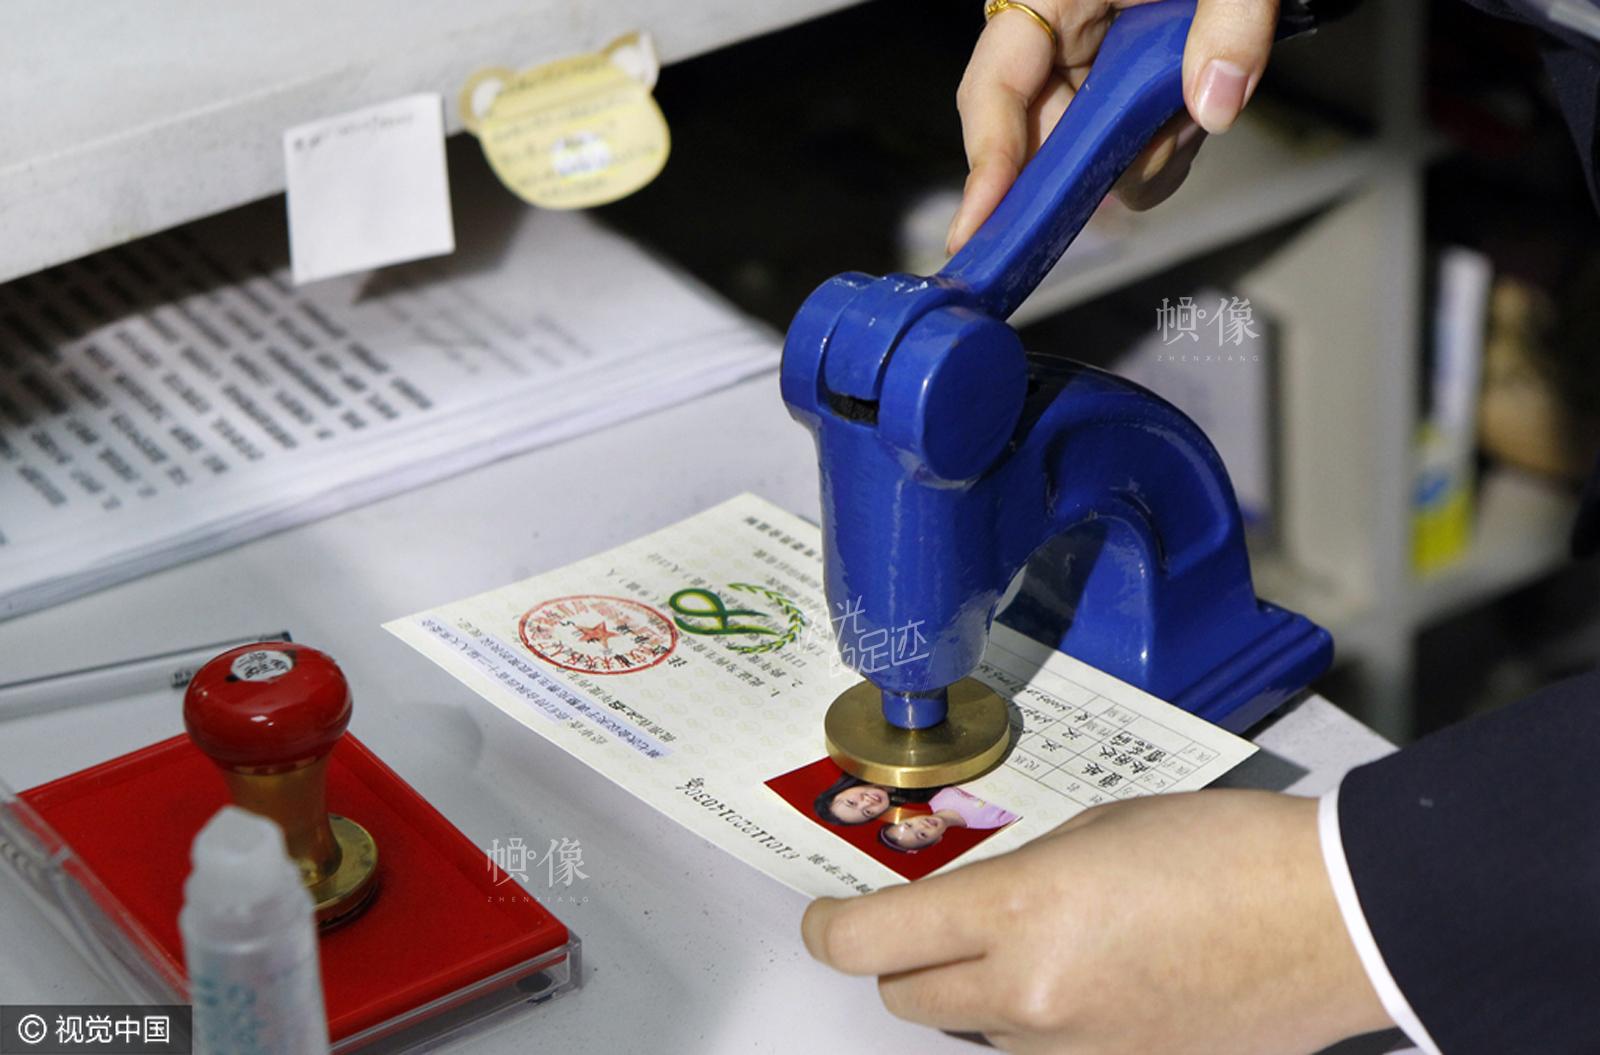 """2014年3月5日,西安市发放首张单独二孩生育证。 西安市未央区党务政务服务中心,人口计生部门工作人员在即将颁出的首张""""单独二孩""""生育证上盖章。 视觉中国"""